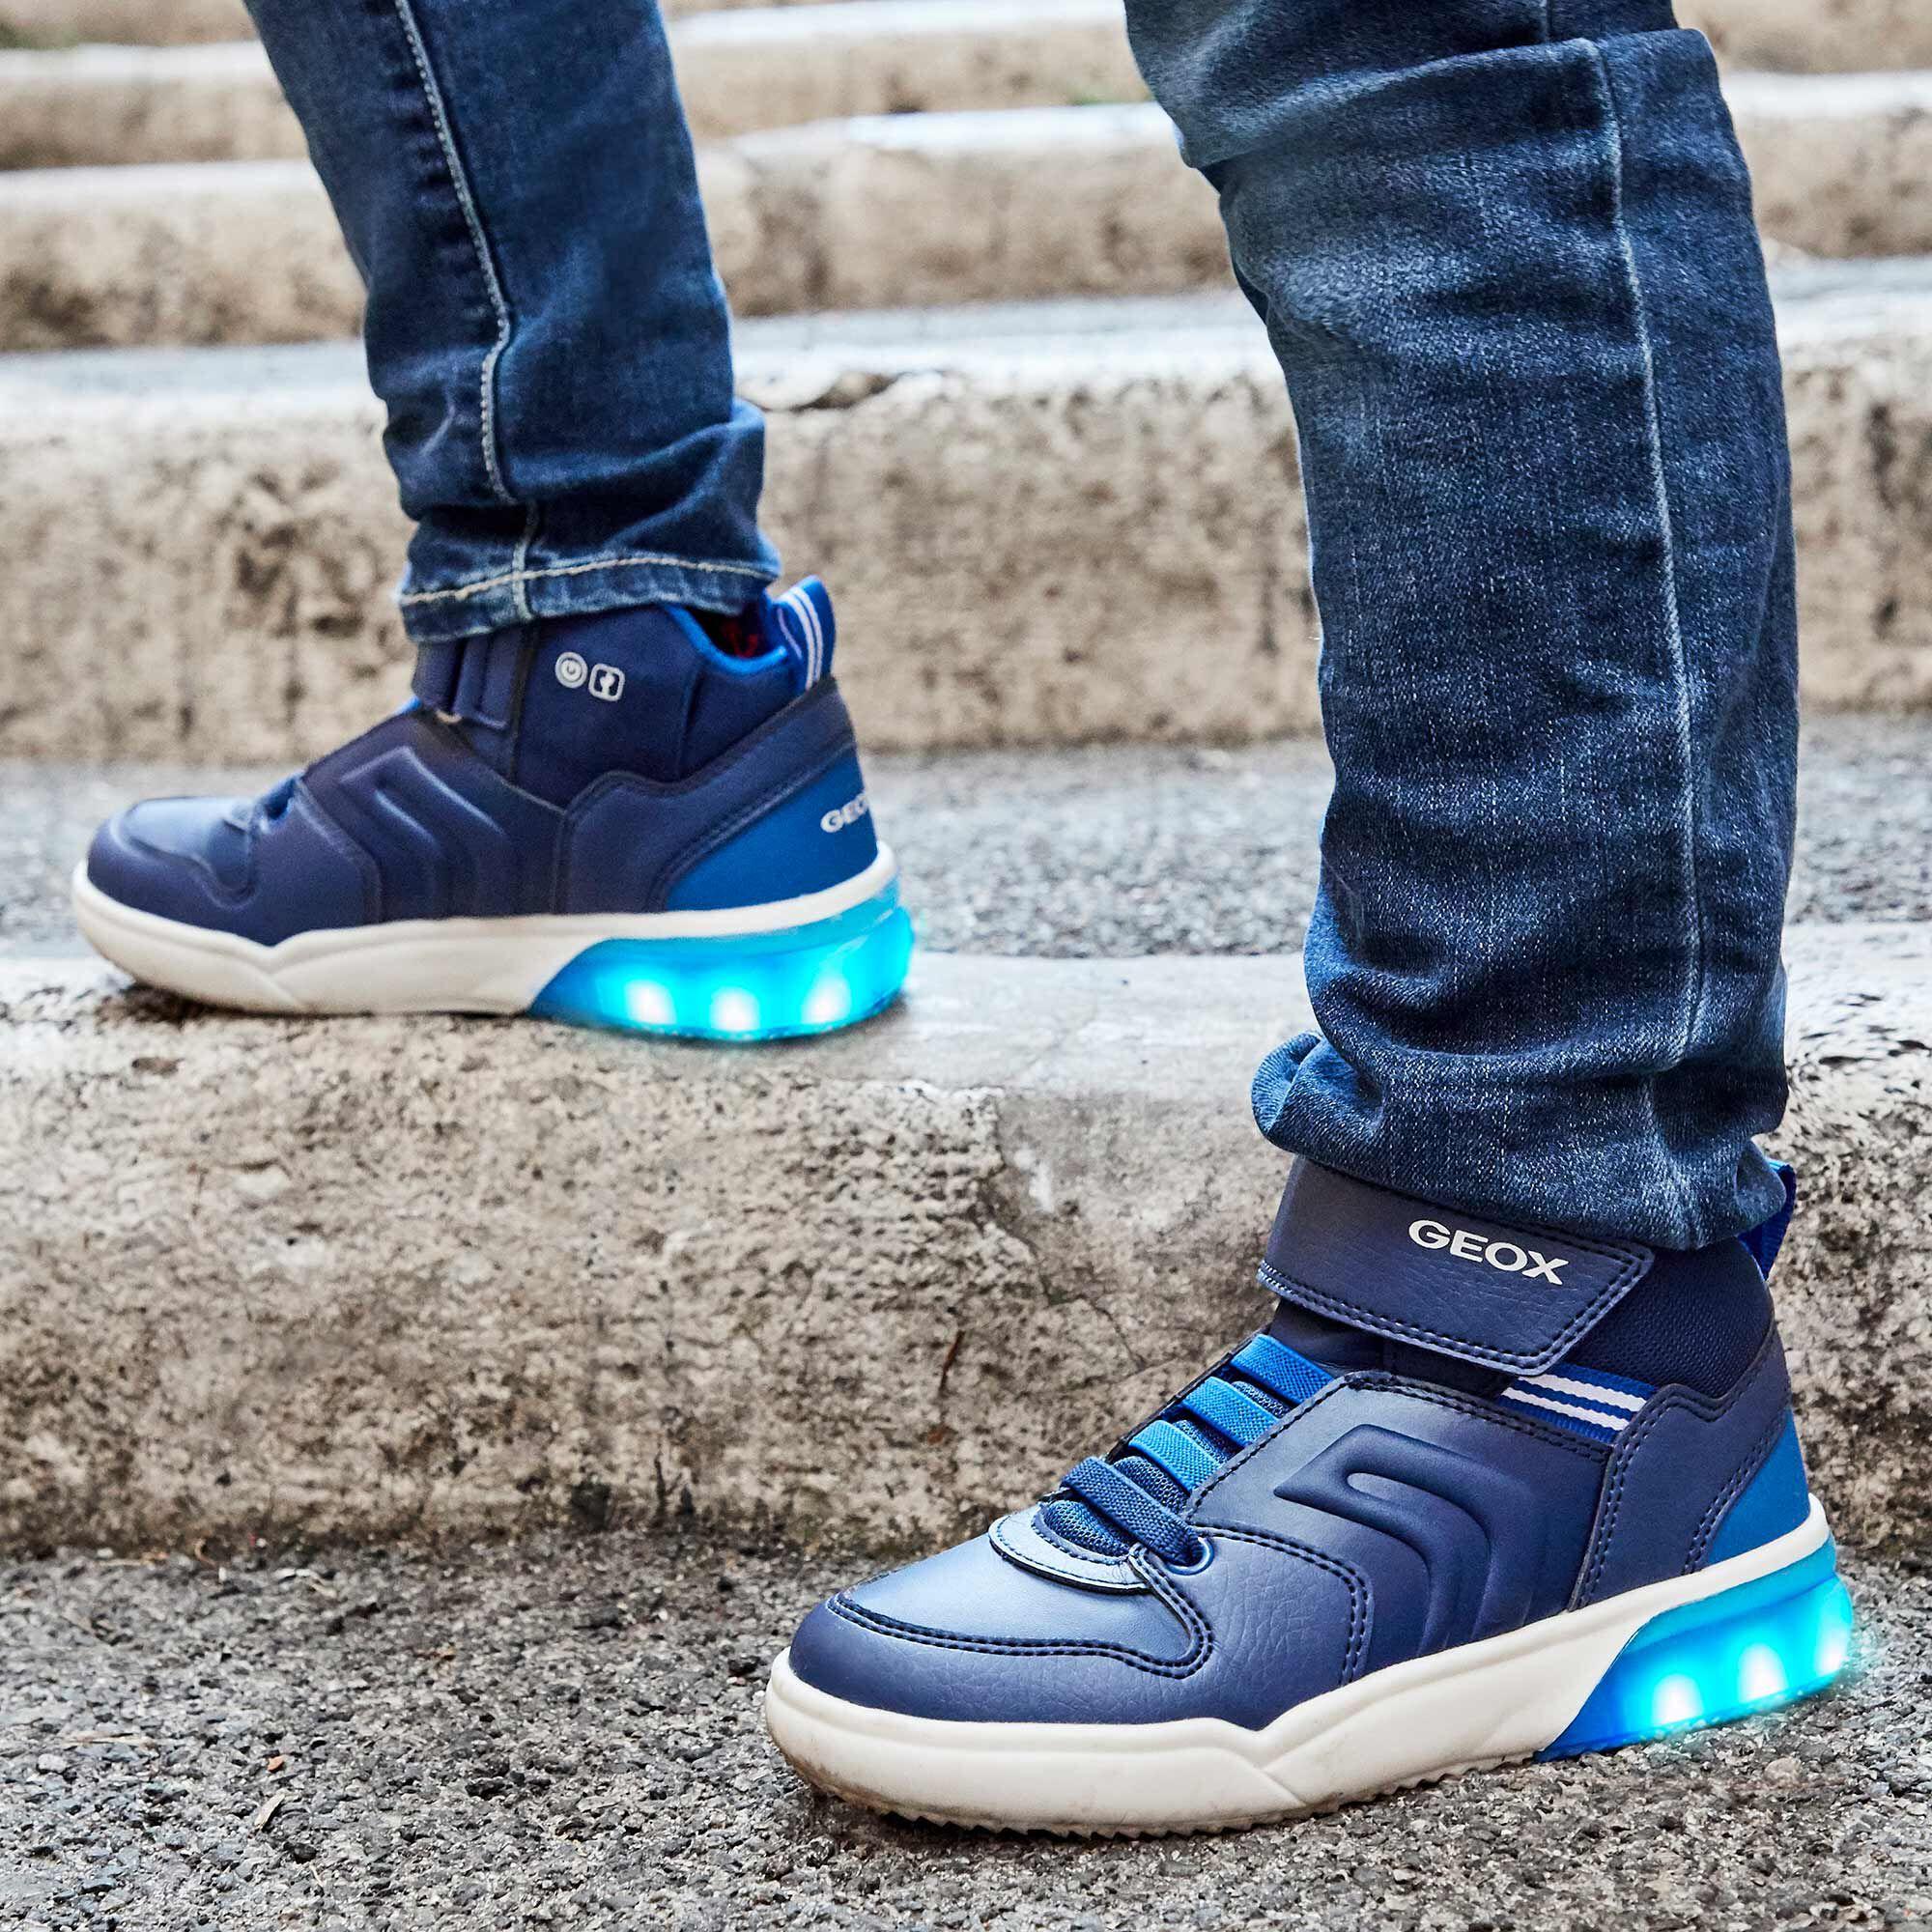 zapatos geox fiesta azul